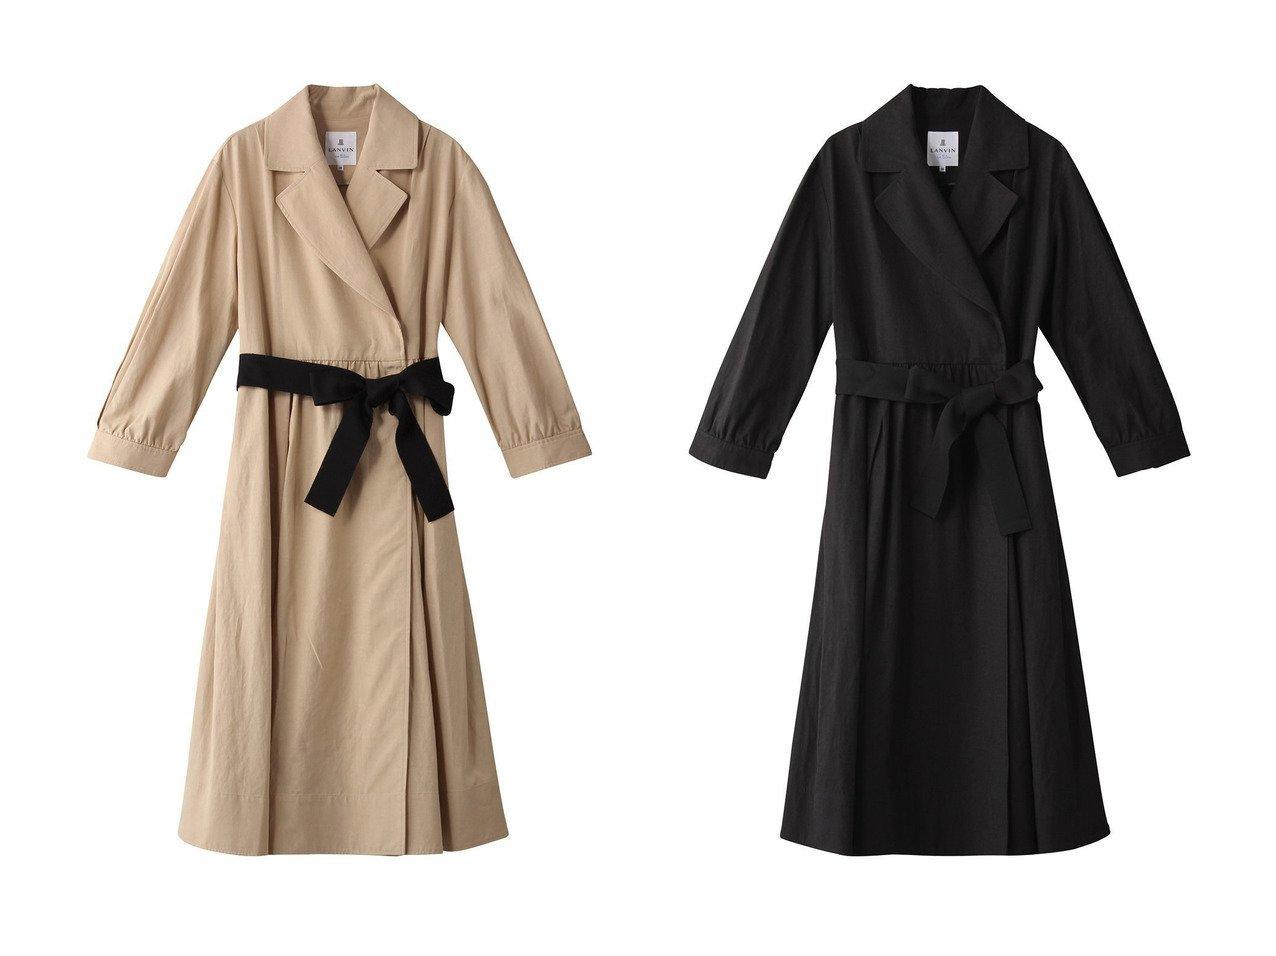 【LANVIN en Bleu/ランバン オン ブルー】のリネンテーラードコート アウターのおすすめ!人気、トレンド・レディースファッションの通販 おすすめで人気の流行・トレンド、ファッションの通販商品 メンズファッション・キッズファッション・インテリア・家具・レディースファッション・服の通販 founy(ファニー) https://founy.com/ ファッション Fashion レディースファッション WOMEN アウター Coat Outerwear コート Coats 2021年 2021 2021 春夏 S/S SS Spring/Summer 2021 S/S 春夏 SS Spring/Summer ドレス リボン ロング 春 Spring |ID:crp329100000024788